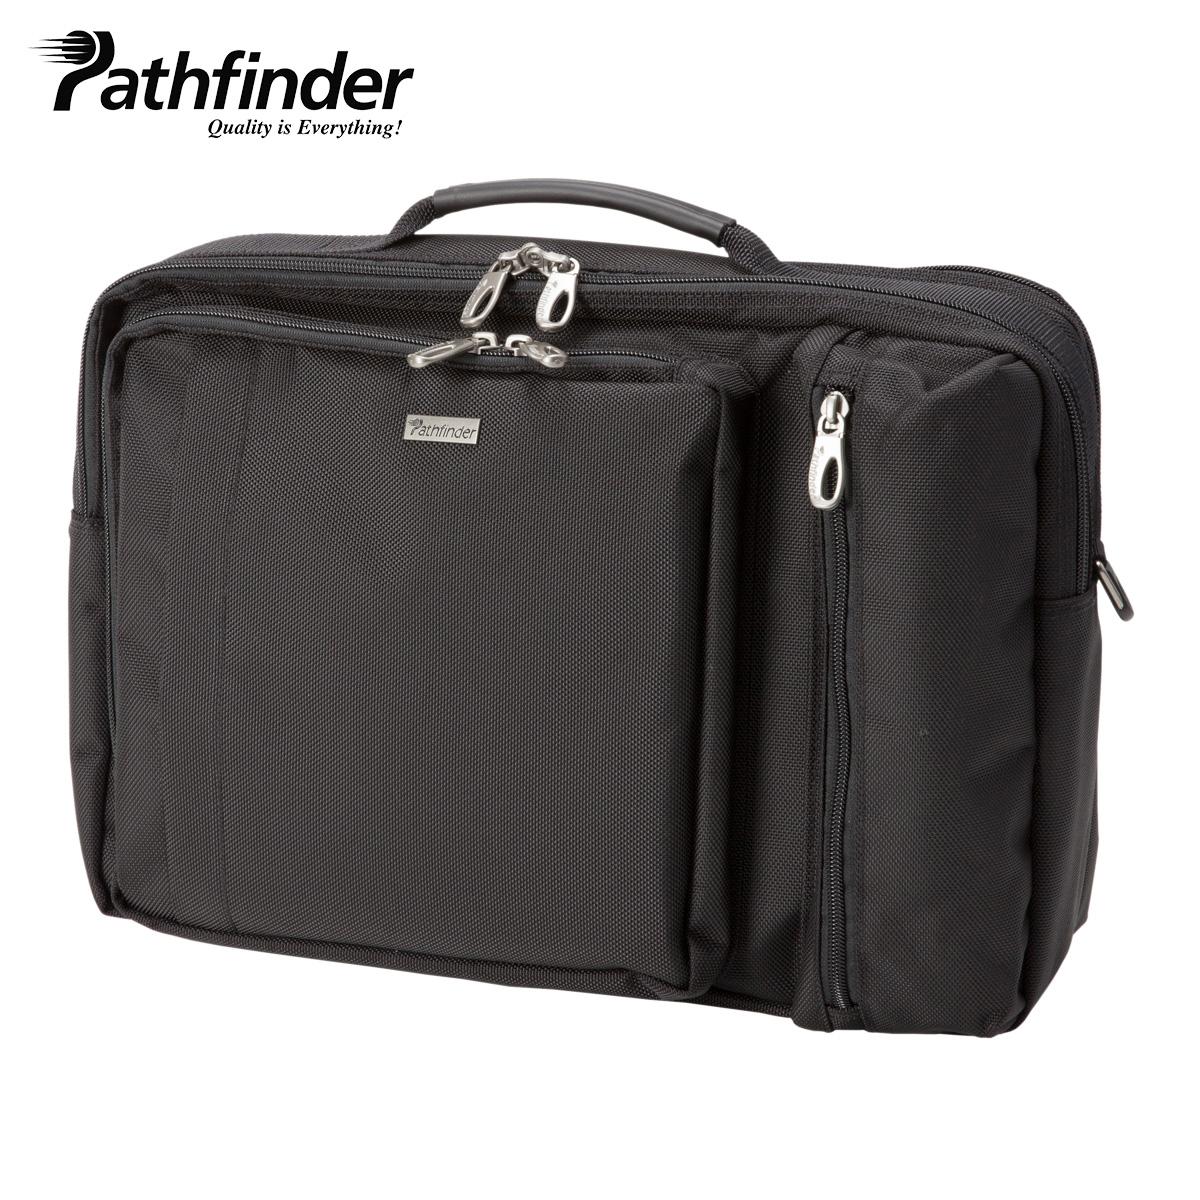 Pathfinder 3WAY AVENGER パスファインダー バッグ ビジネスバッグ リュック ブリーフケース ショルダー メンズ ブラック 黒 PF1805B